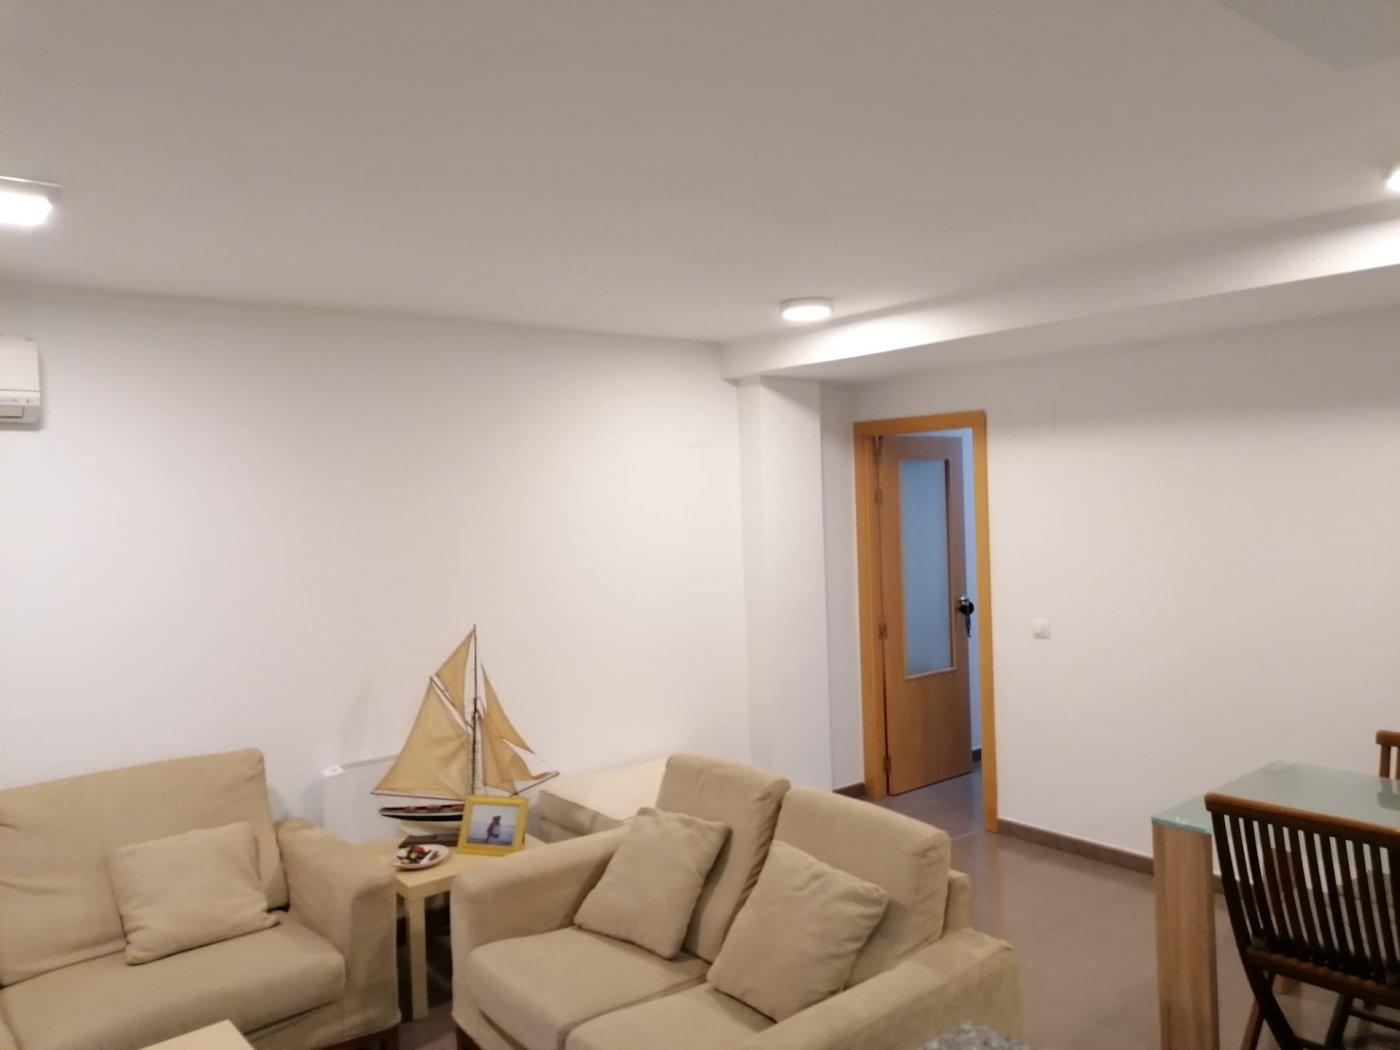 Fantástico apartamento en peñíscola 1 hab - imagenInmueble23